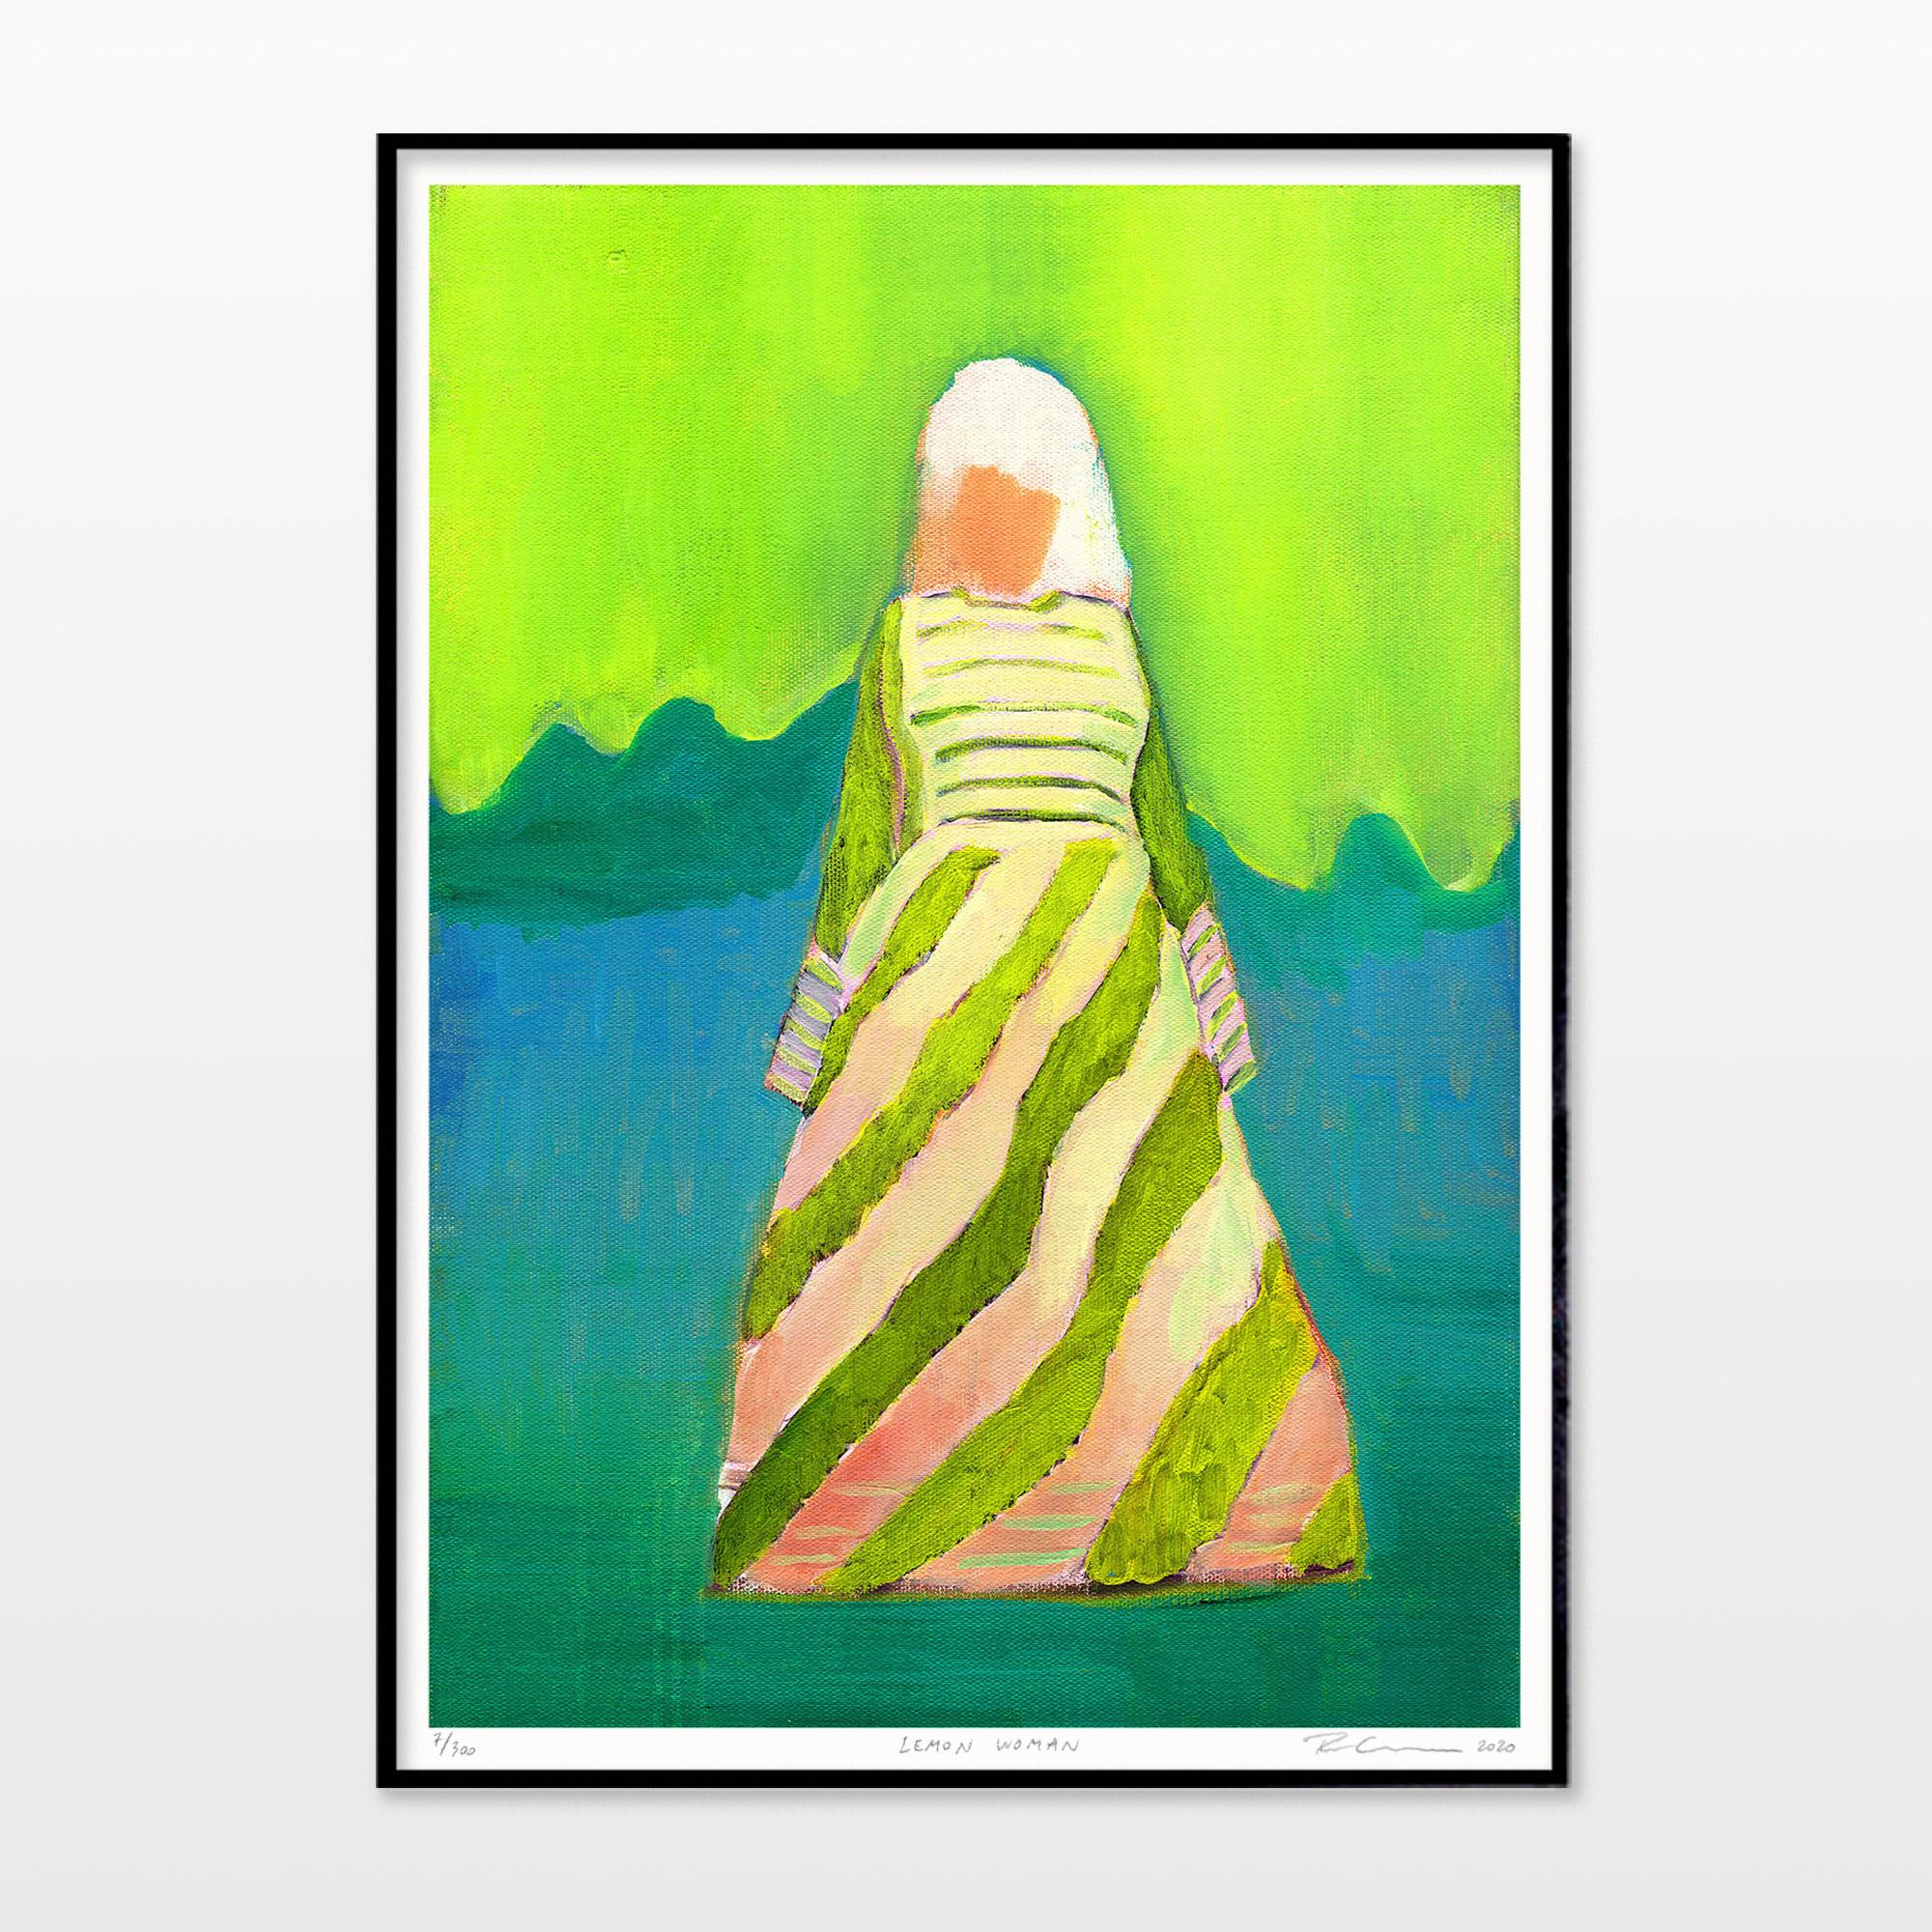 plakater-posters-kunsttryk, giclee-tryk, æstetiske, farverige, figurative, illustrative, portræt, kroppe, mennesker, himmel, blå, grønne, turkise, blæk, papir, smukke, beklædning, samtidskunst, københavn, dansk, dekorative, design, kvindelig, interiør, bolig-indretning, moderne, motorcykel, nordisk, plakater, tryk, skandinavisk, kvinder, Køb original kunst og kunstplakater. Malerier, tegninger, limited edition kunsttryk & plakater af dygtige kunstnere.